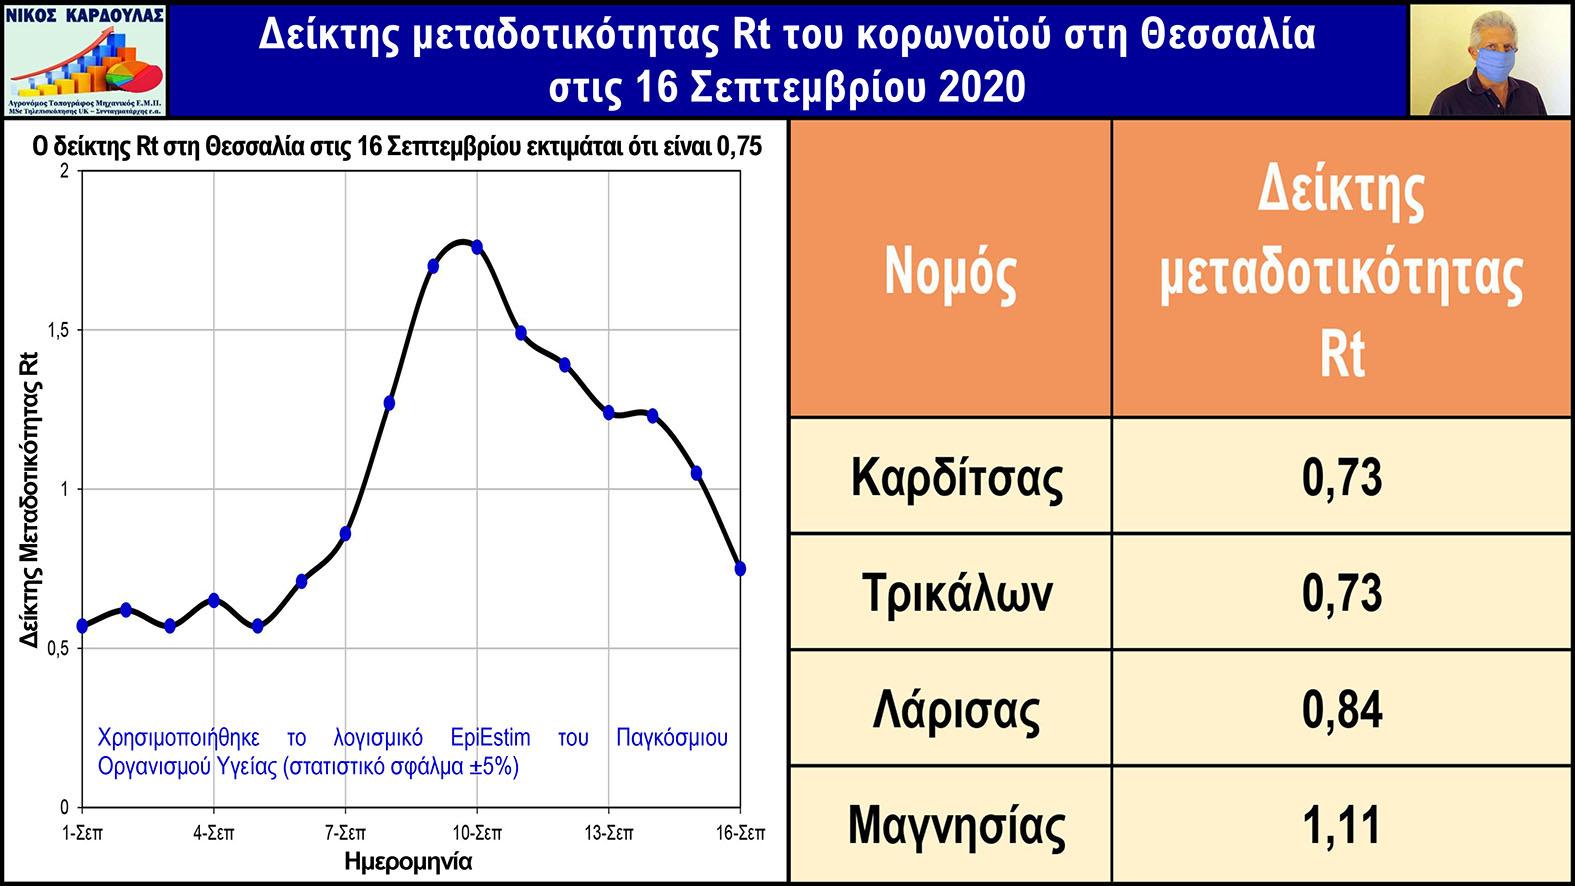 ΚΑΡΔΟΥΛΑΣ Rt ΘΕΣΣΑΛΙΑ ΕΞΩΦΥΛΛΟ